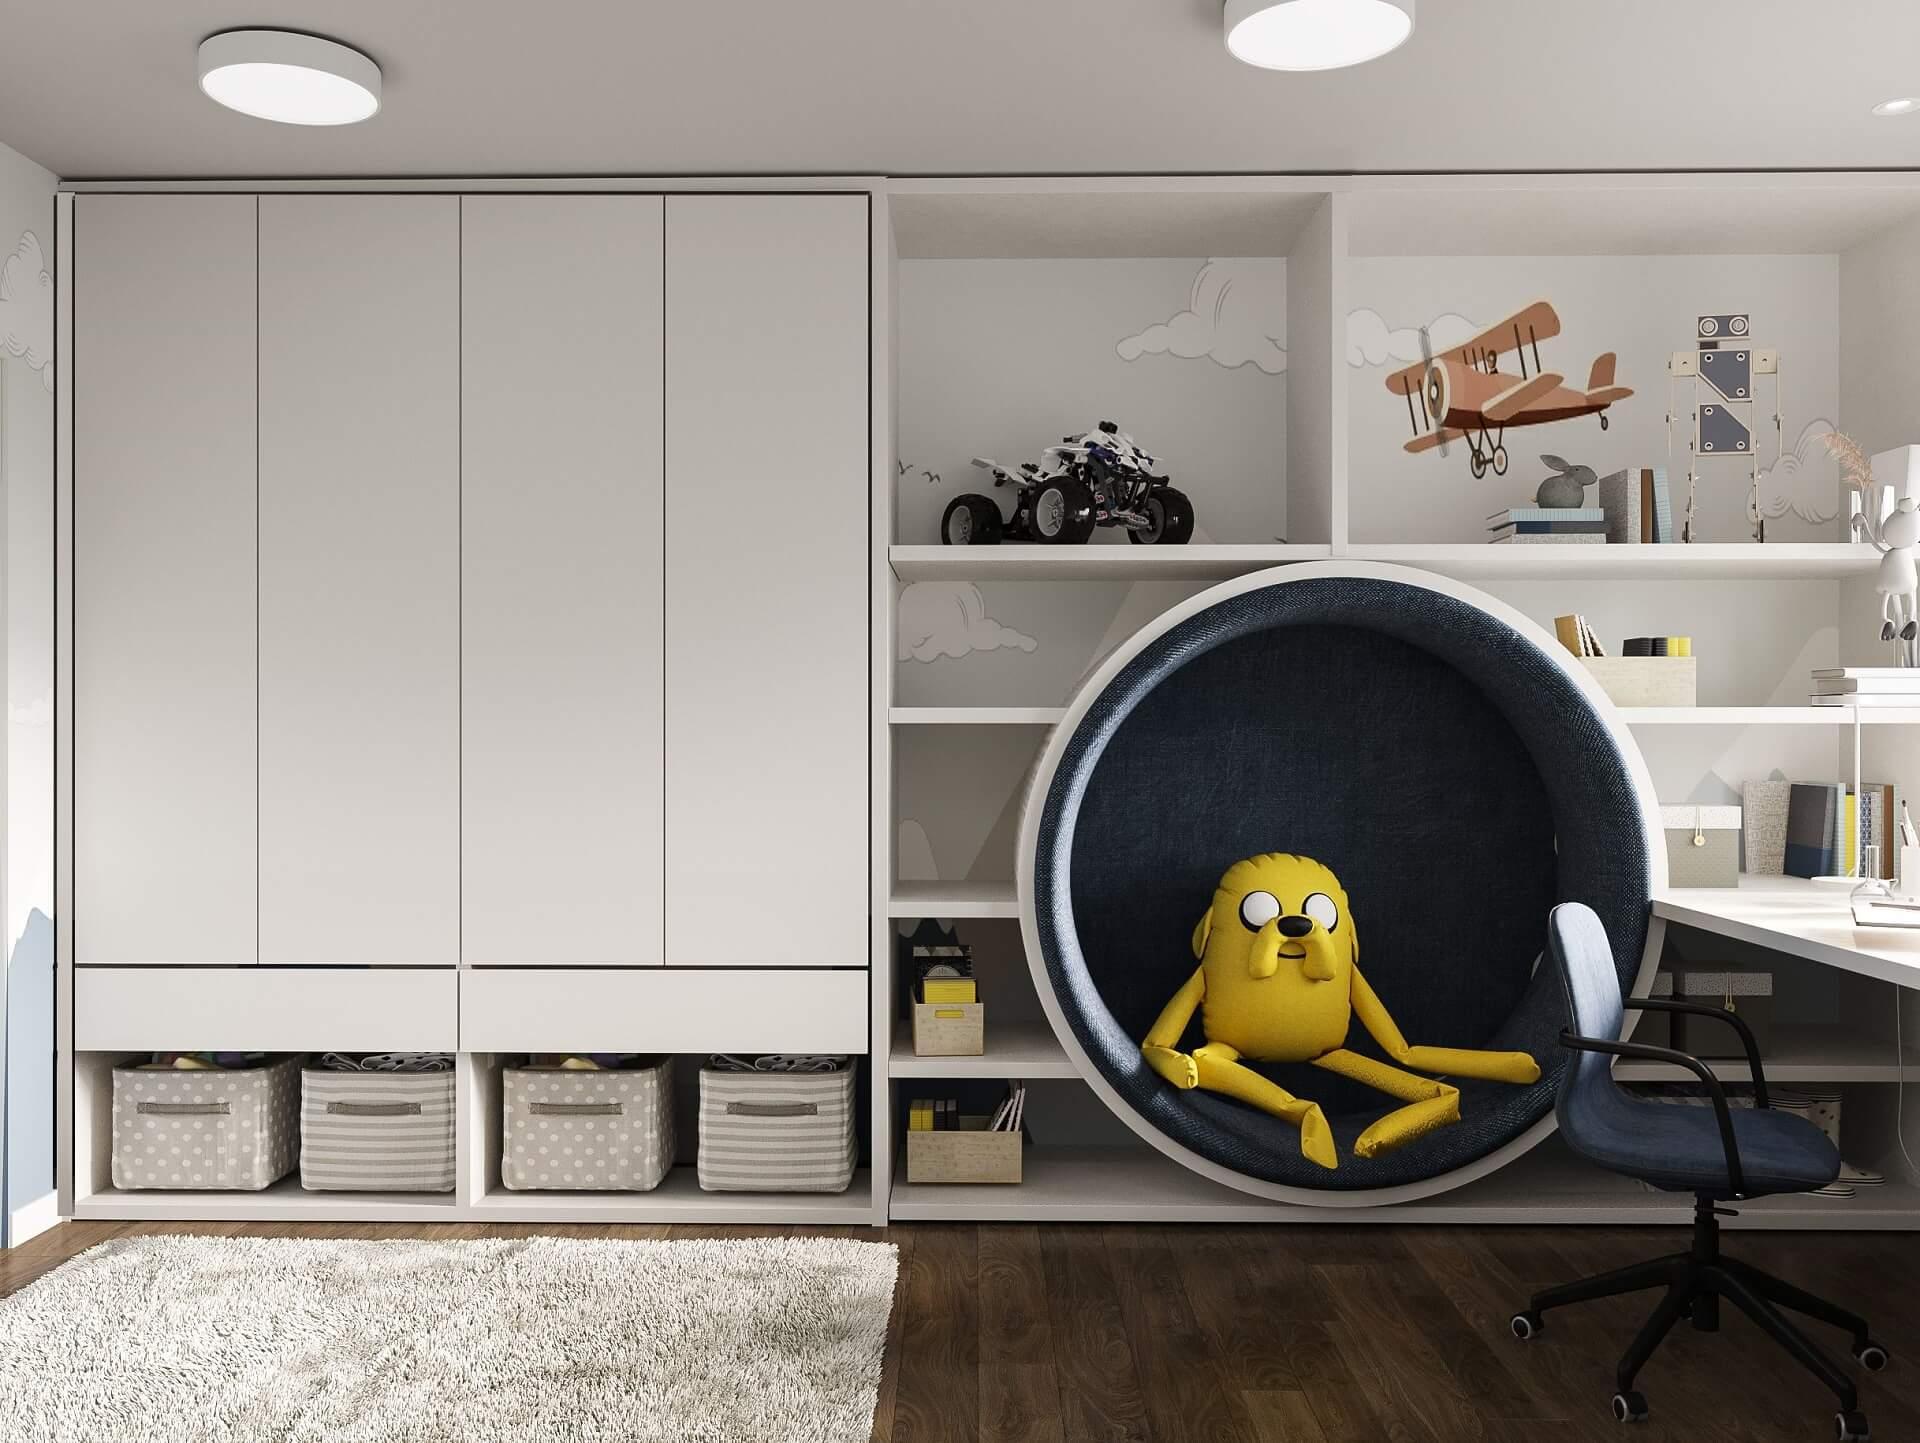 Дизайн детской комнаты. Система хранения.